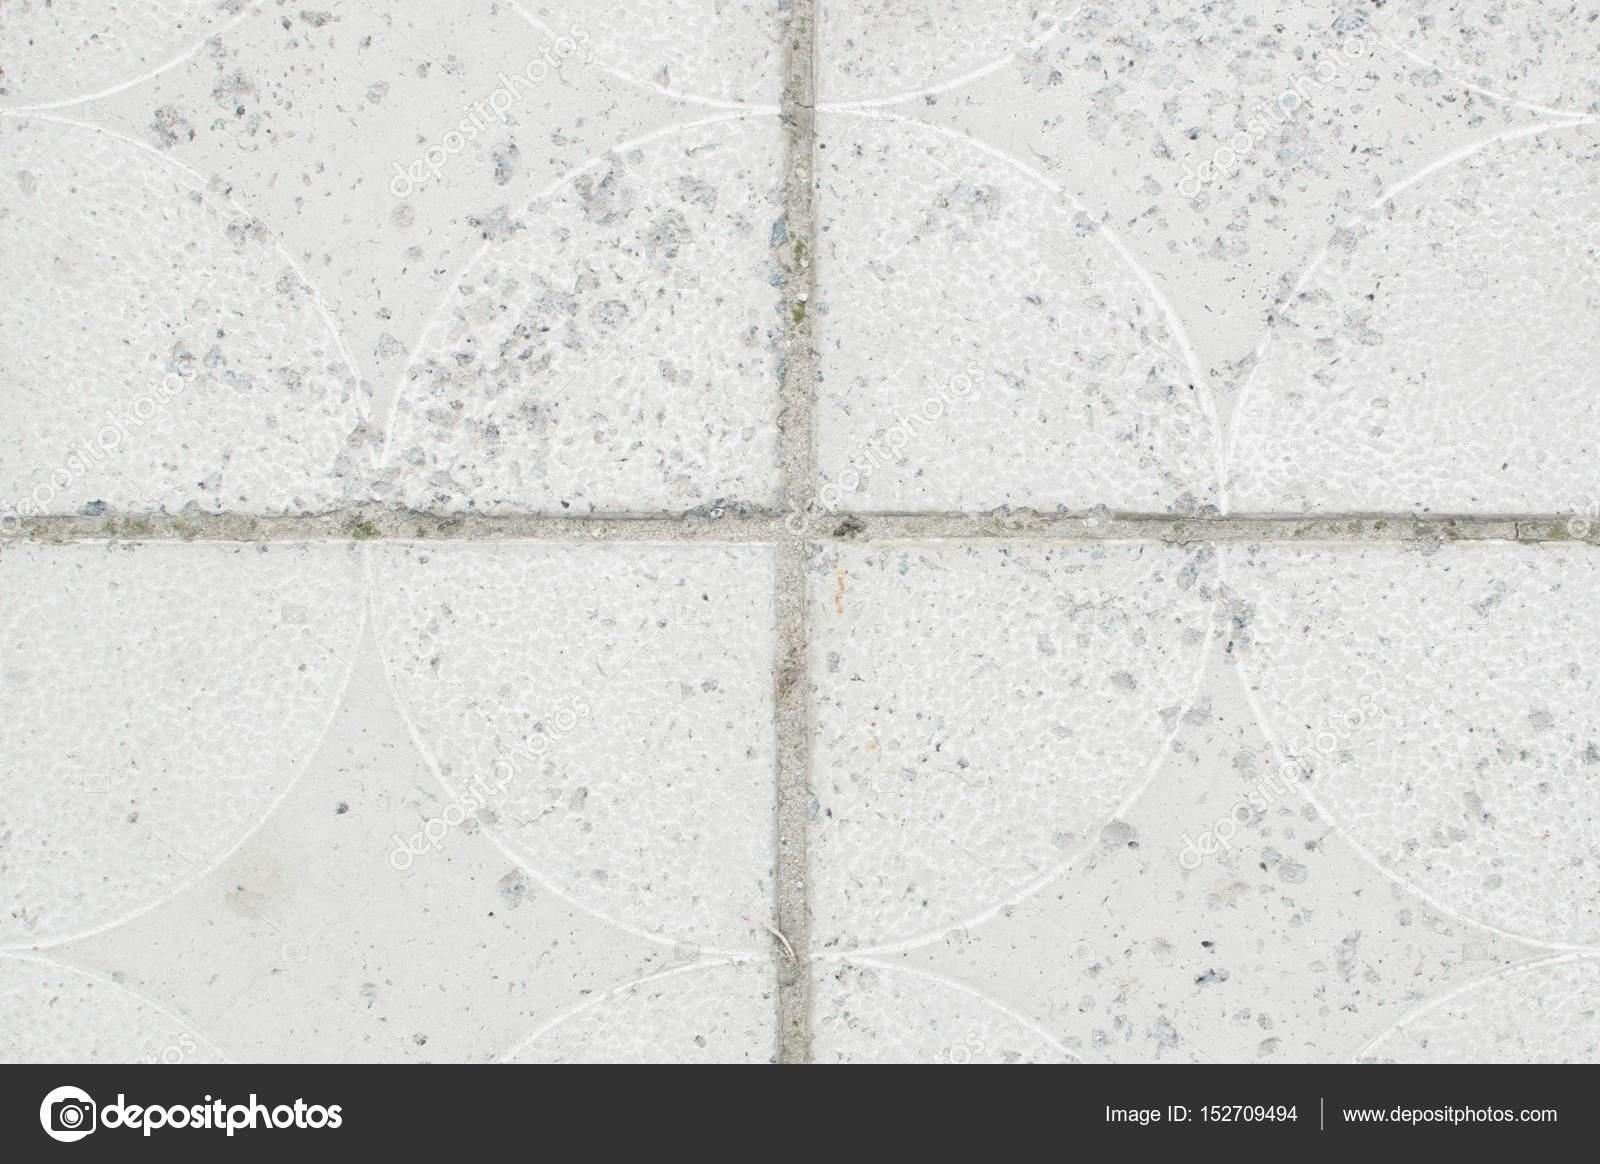 Texture della piastrella grigio per sfondo u2014 foto stock © masanyanka